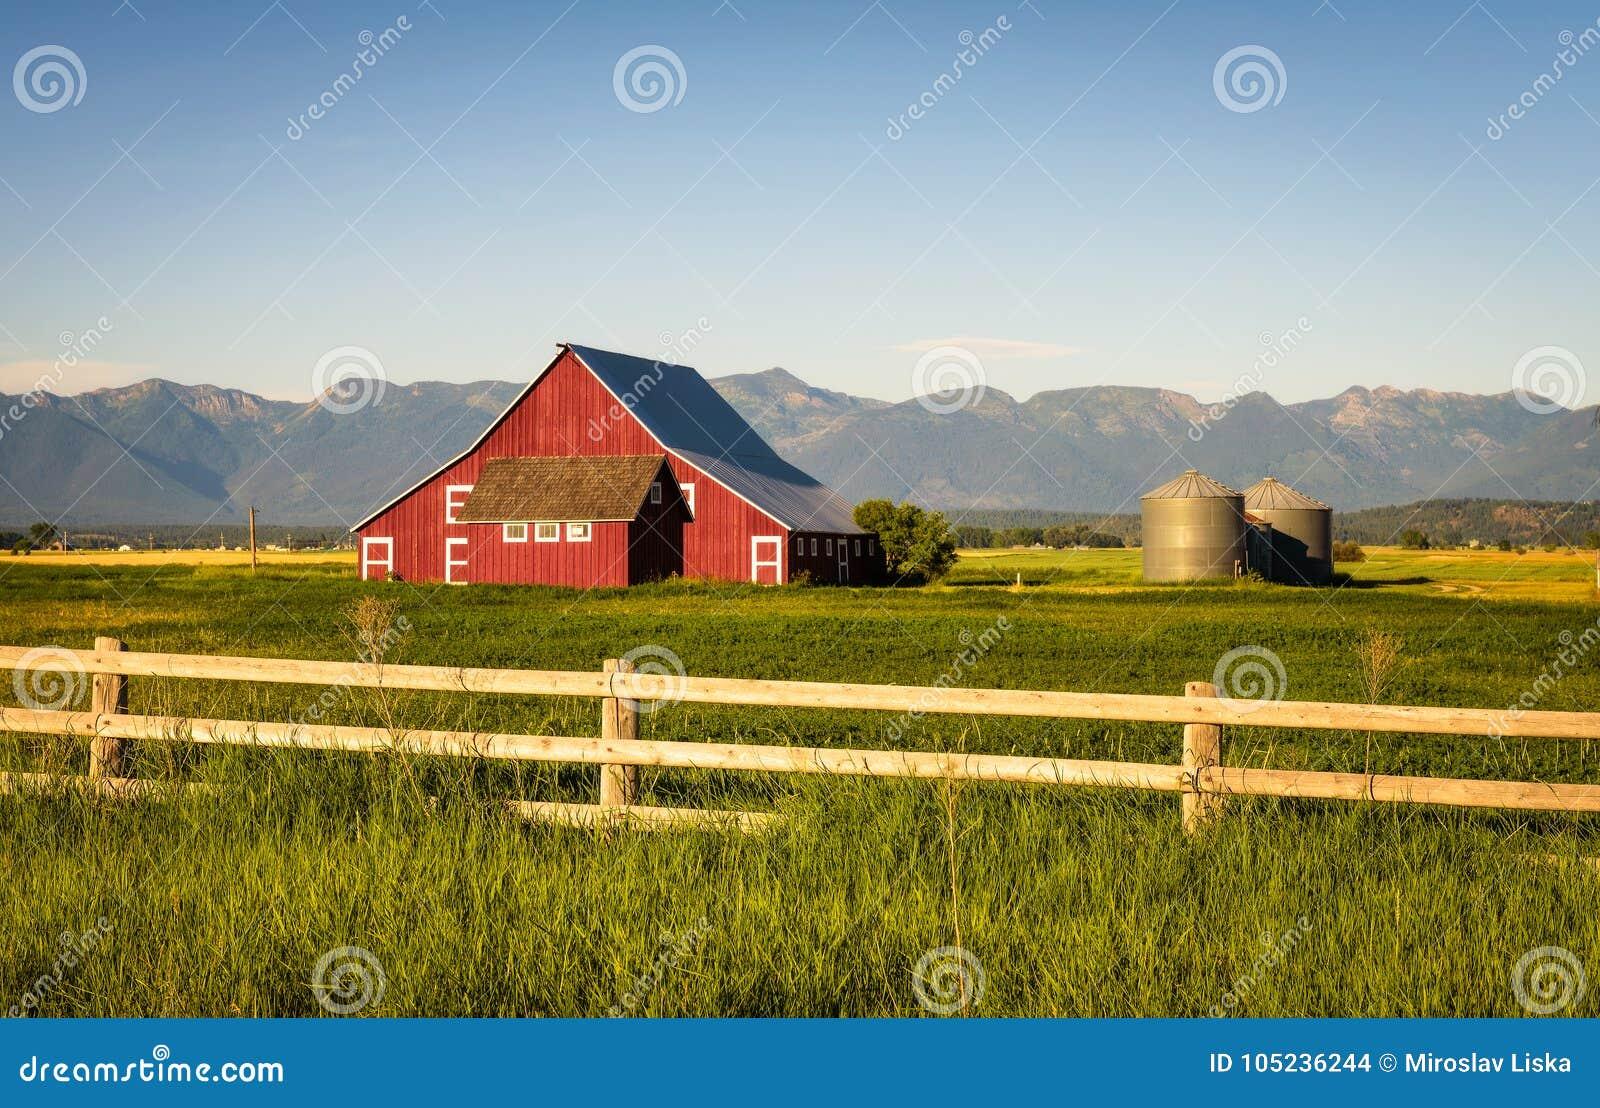 Tarde del verano con un granero rojo en Montana rural